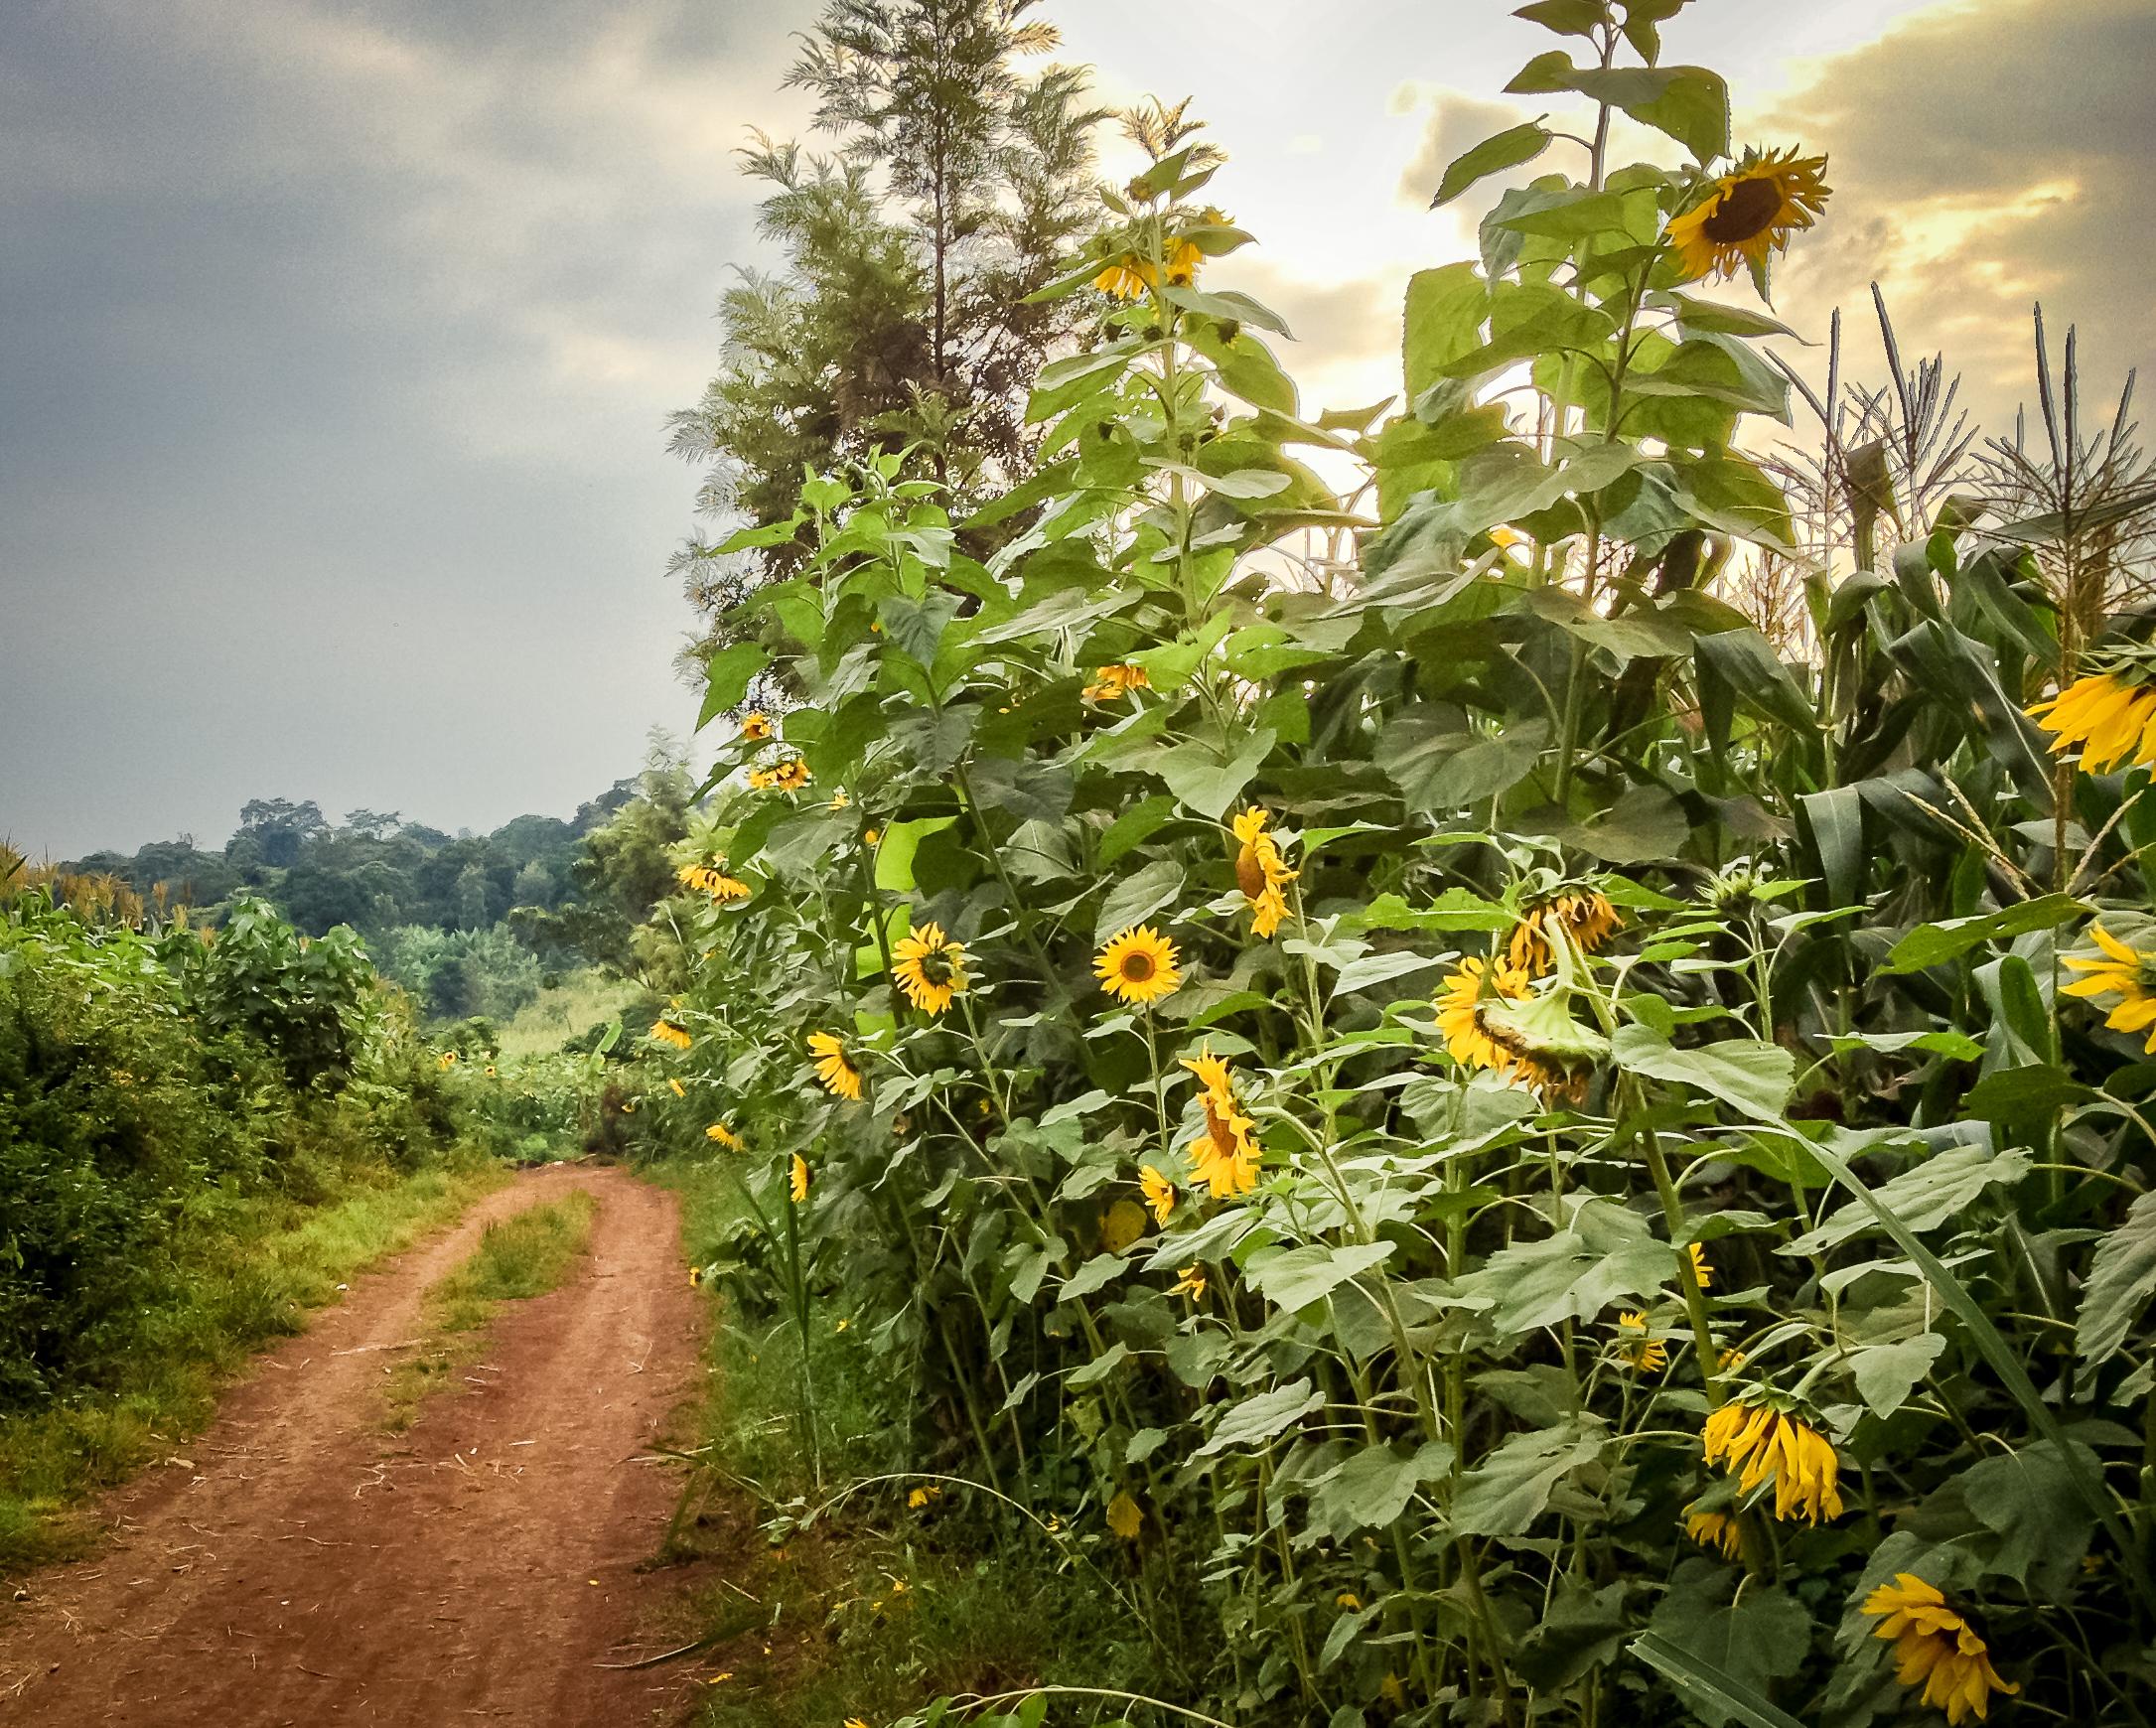 Running through the sunflower fields of Moshi, Tanzania.